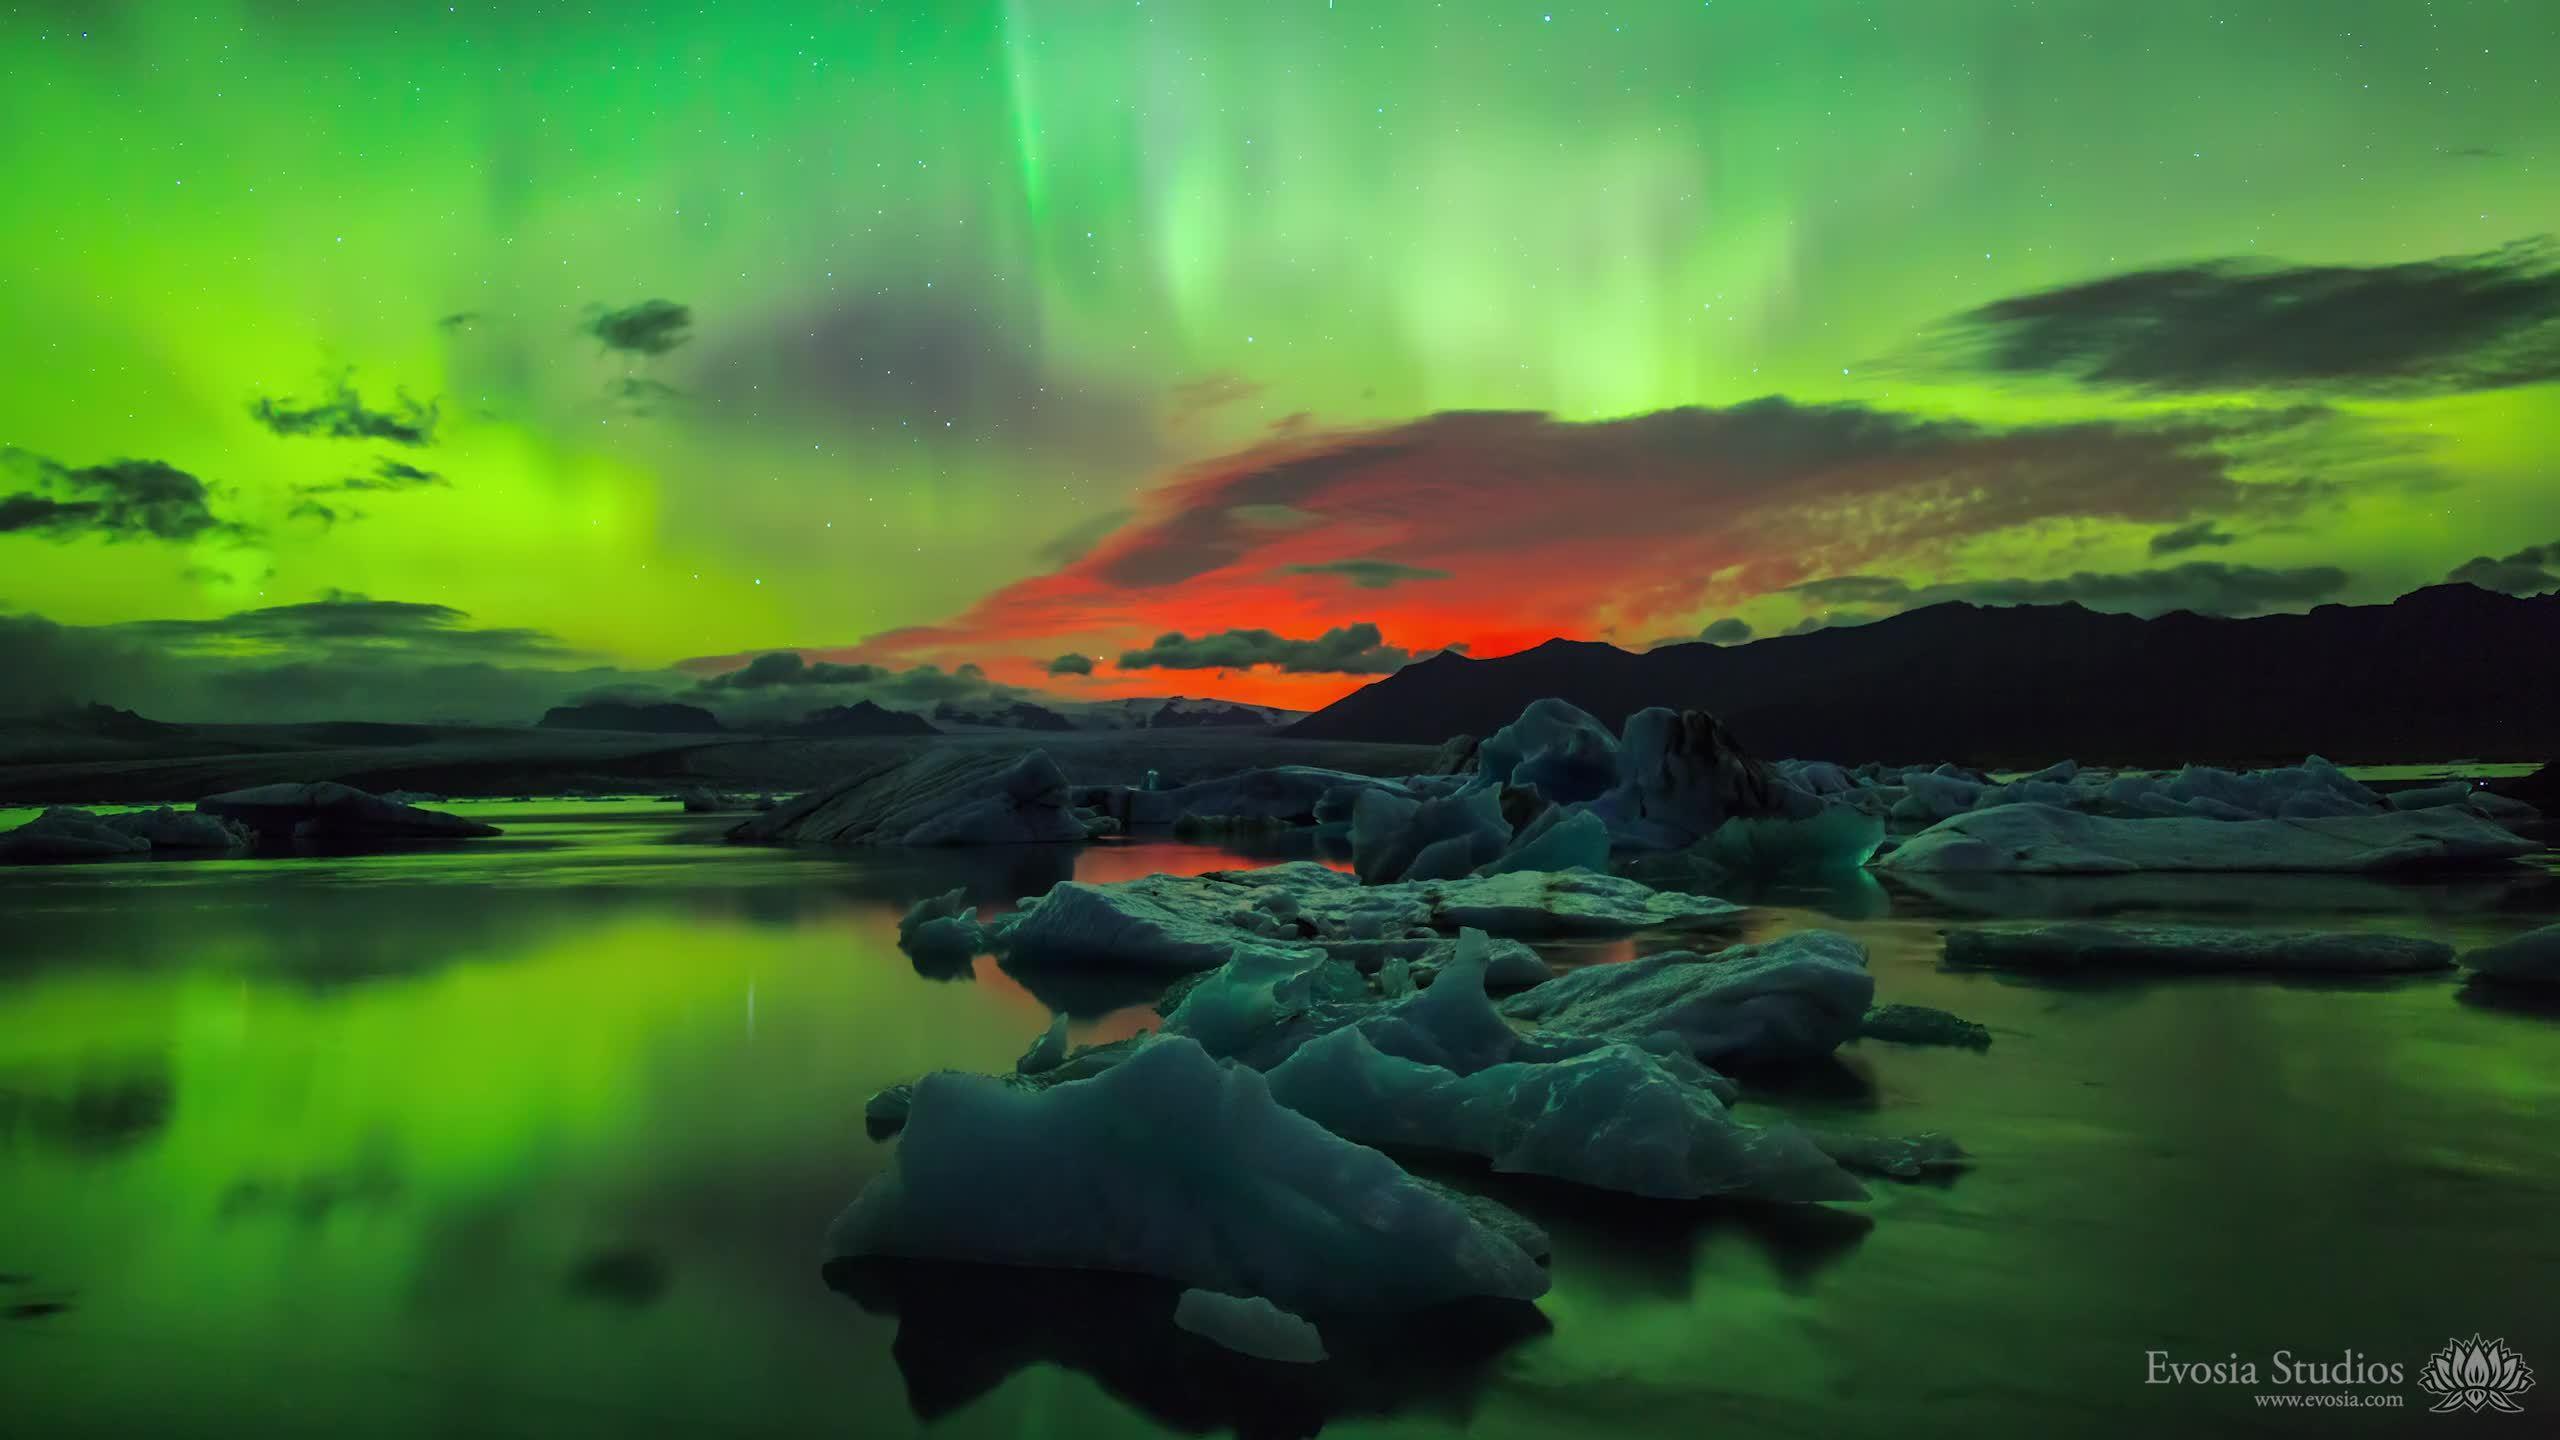 NatureGifs, earthgifs, Iceland in 8k (reddit) GIFs